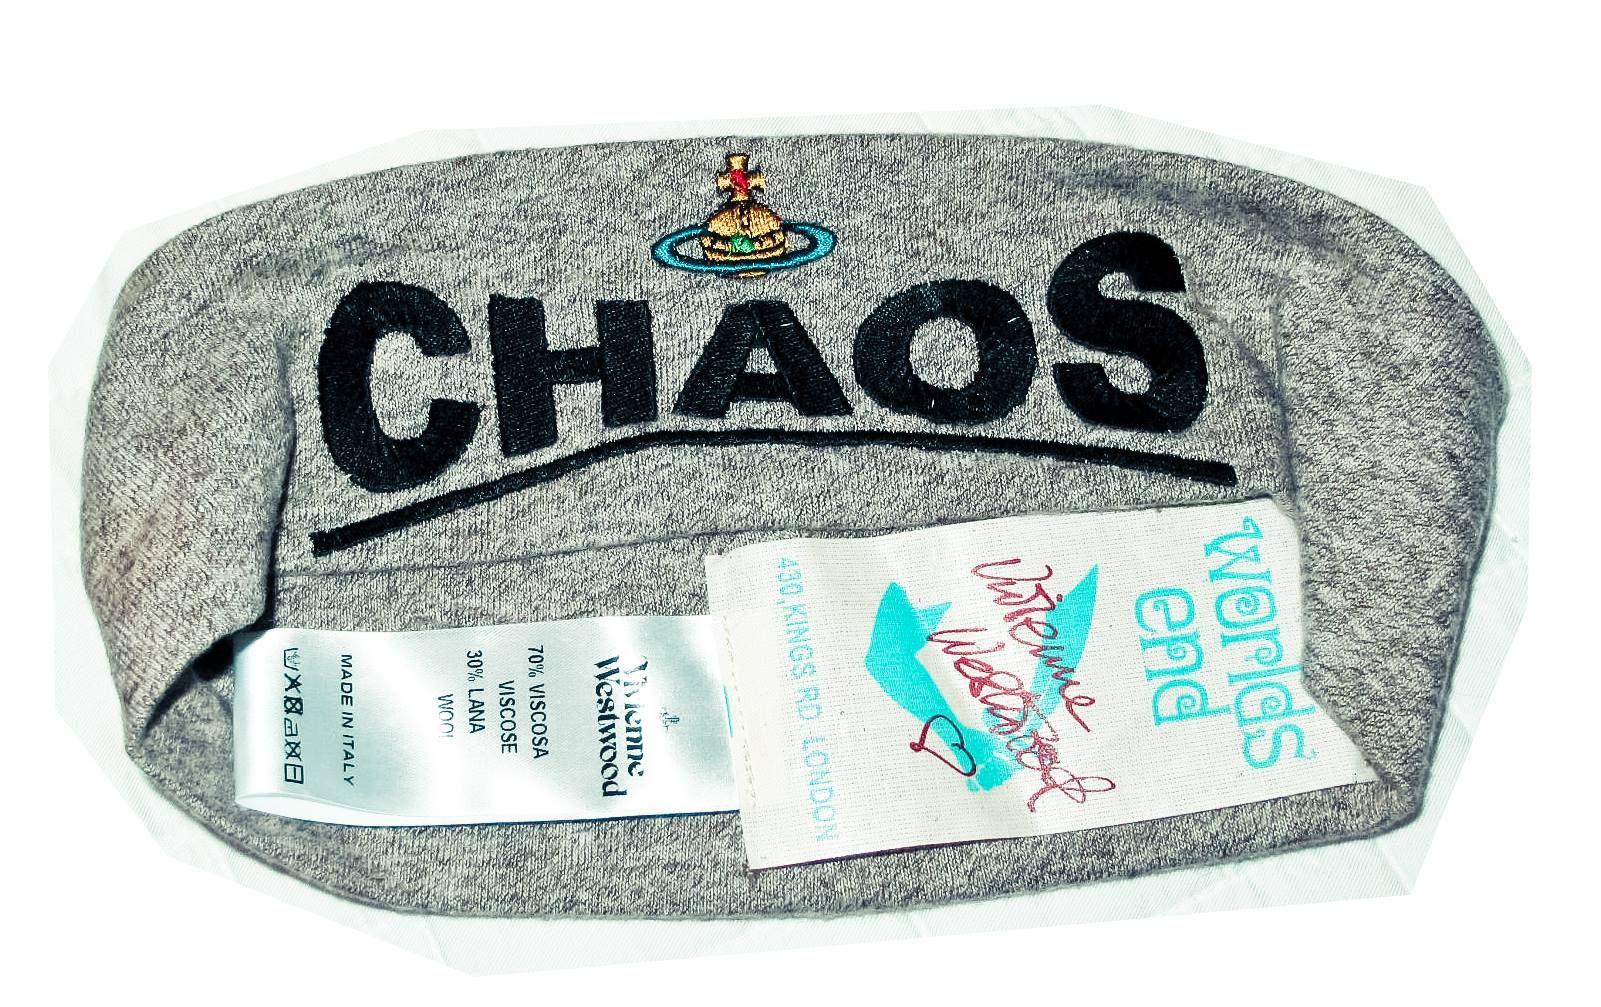 Chaos Headband Vivienne Westwood 1a84e28155e2